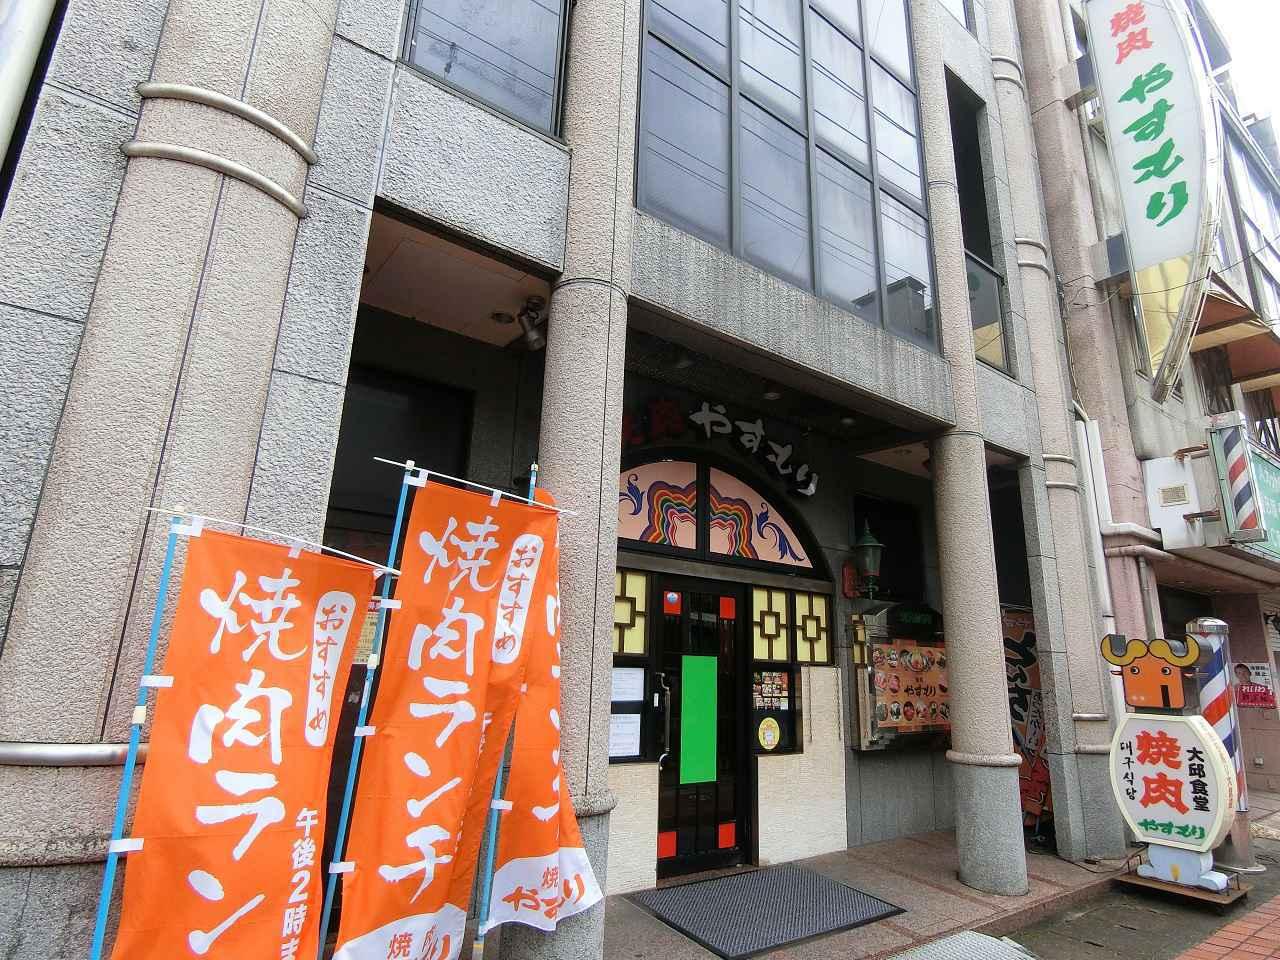 画像: 下関グリーンモール本店。創業は1950年。合計5店舗。他に飲食店、学習塾も